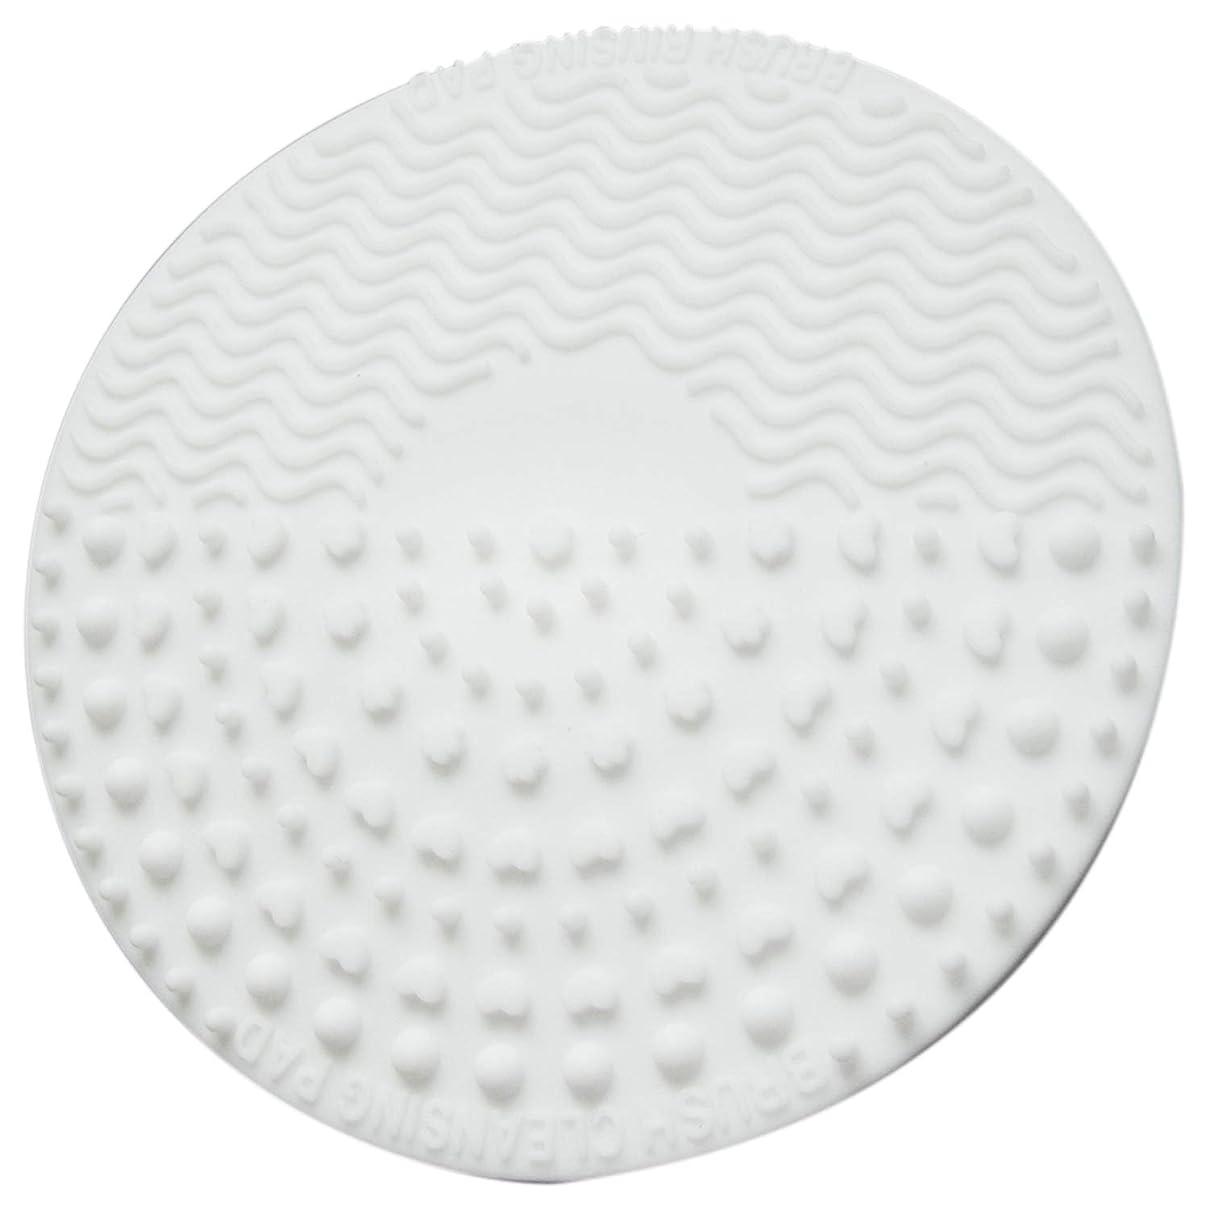 基礎理論高潔なスパイラルTOOGOO シリコーン化粧ブラシ クレンジングパッド パレット ブラシ クリーナークリーニングマット 洗濯スクラバーパッド 化粧品メイクアップクリーナーツール ホワイト